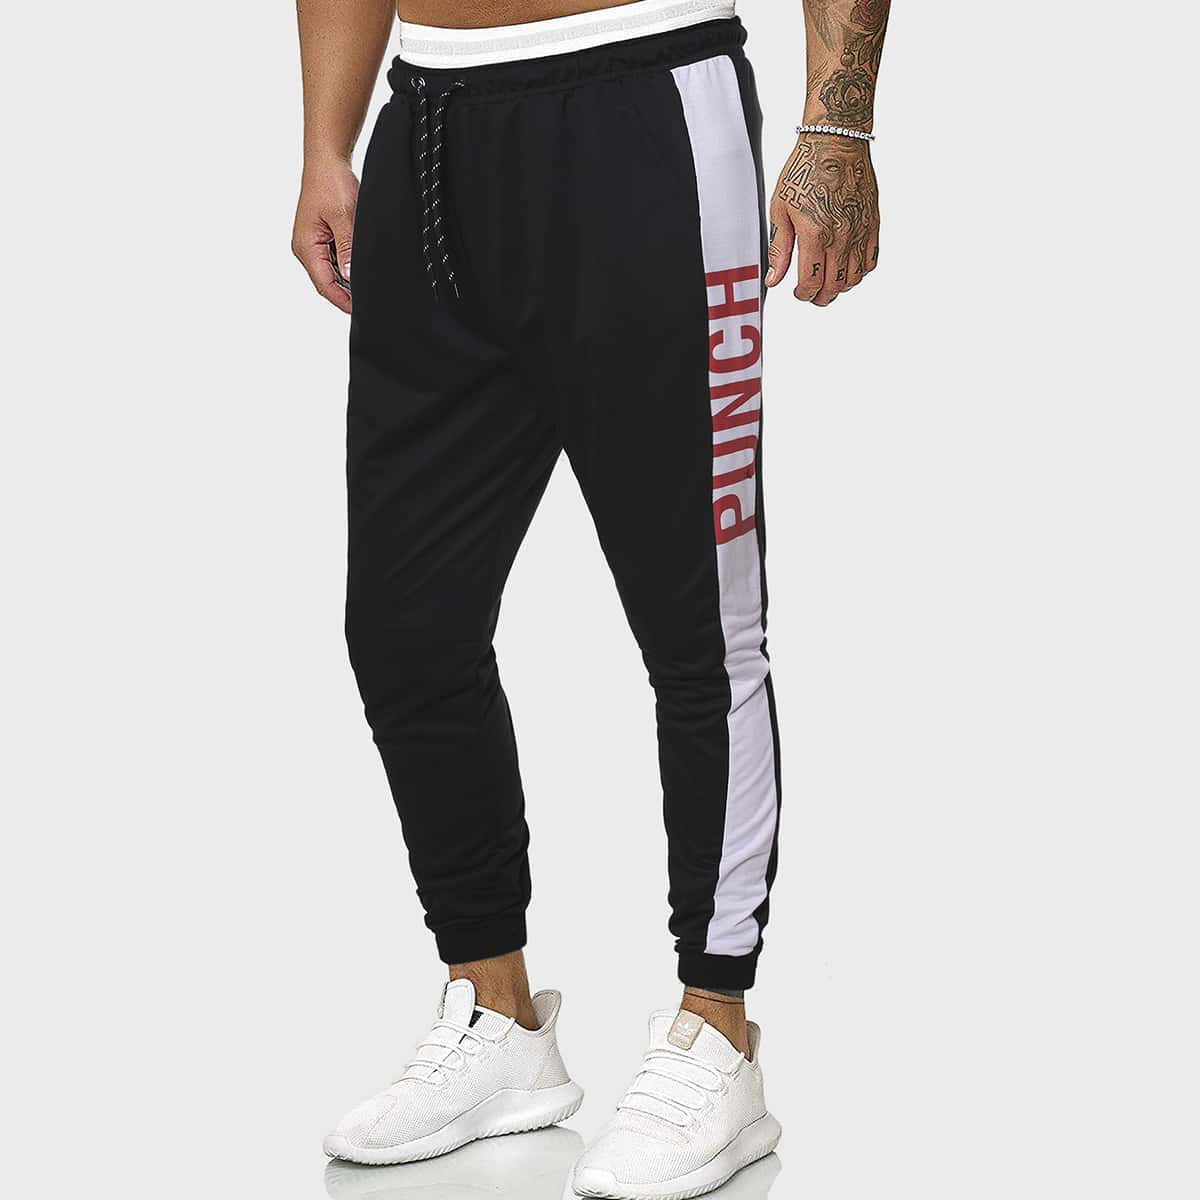 Мужские спортивные брюки с текстовым принтом и боковым швом фото